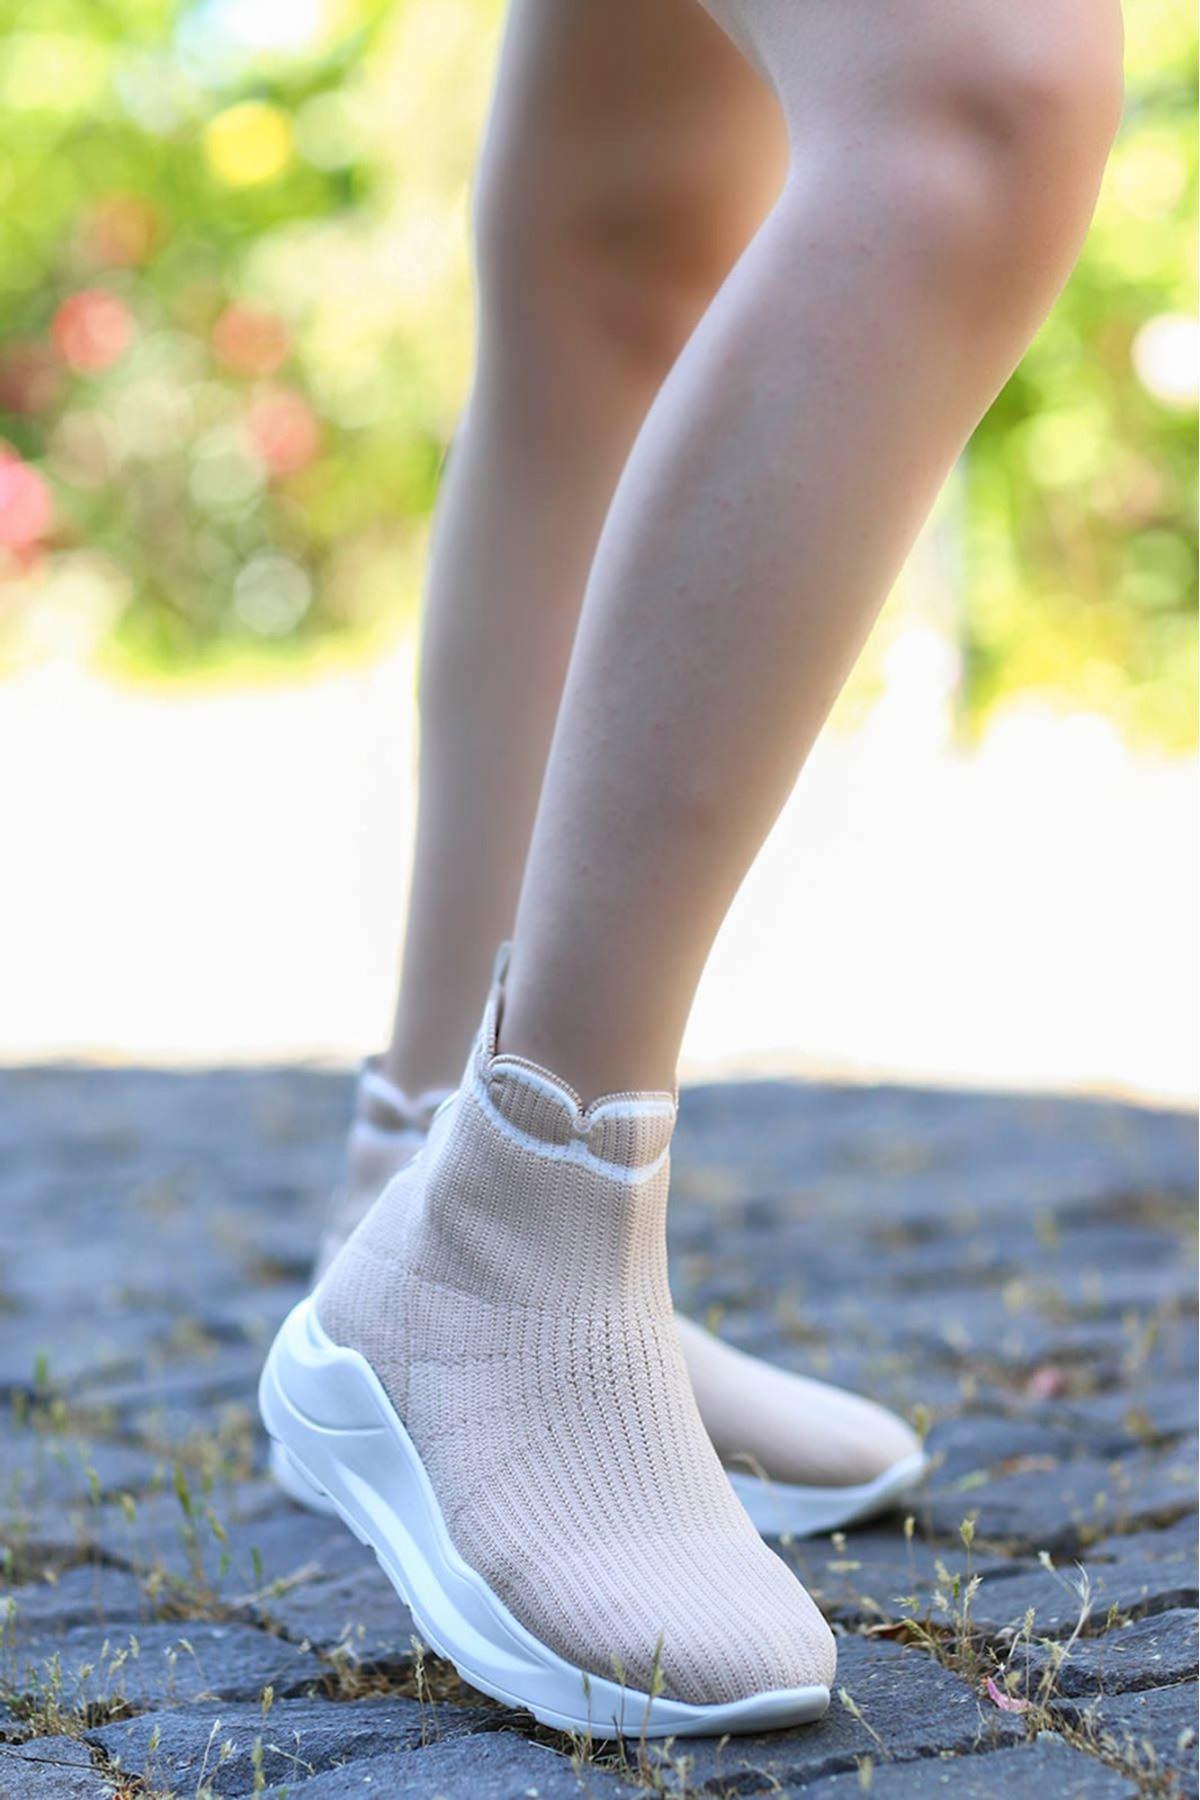 Wagner Triko Çorap Spor Ayakkabı Bej